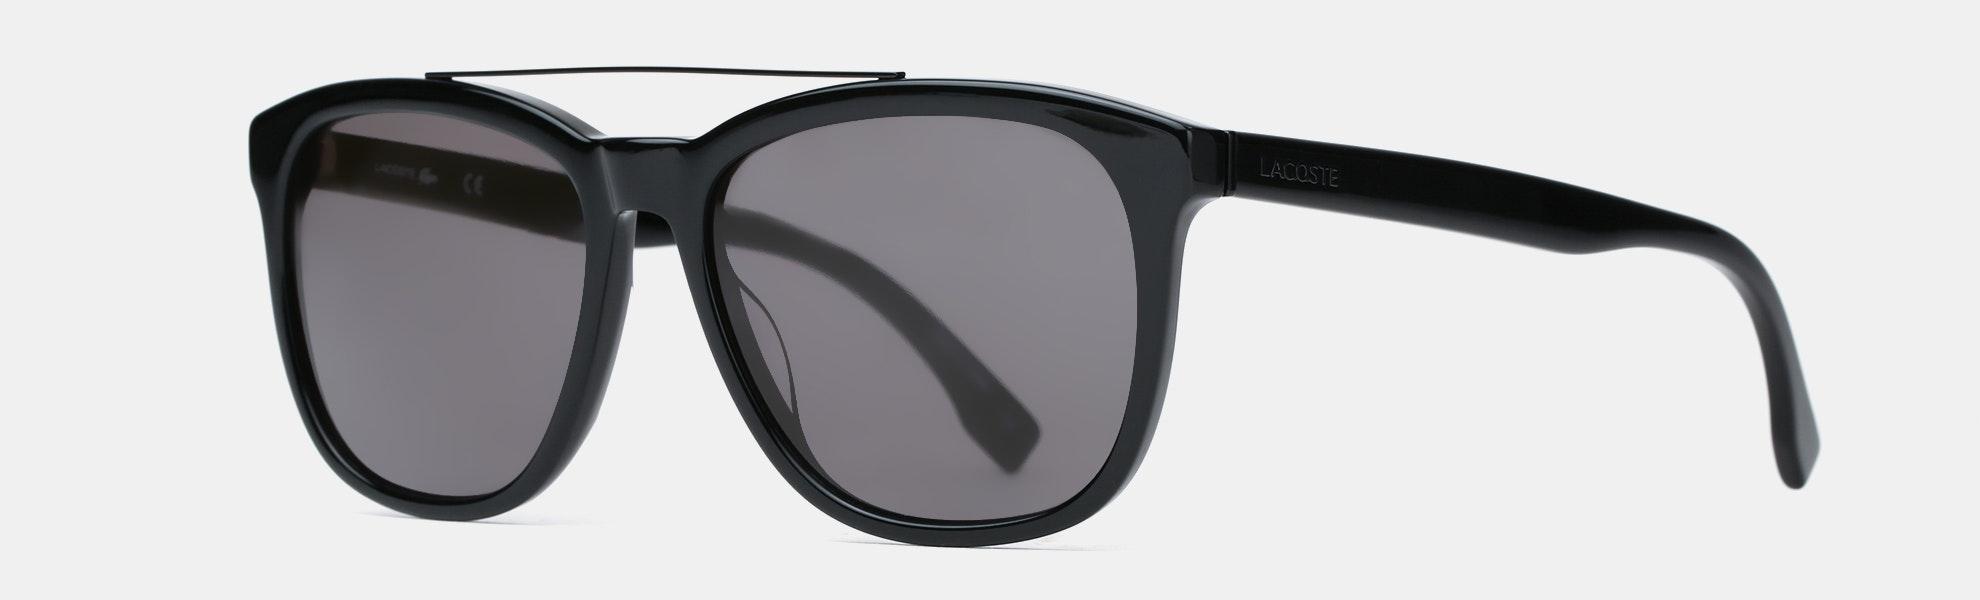 Lacoste L822S Rectangular Sunglasses